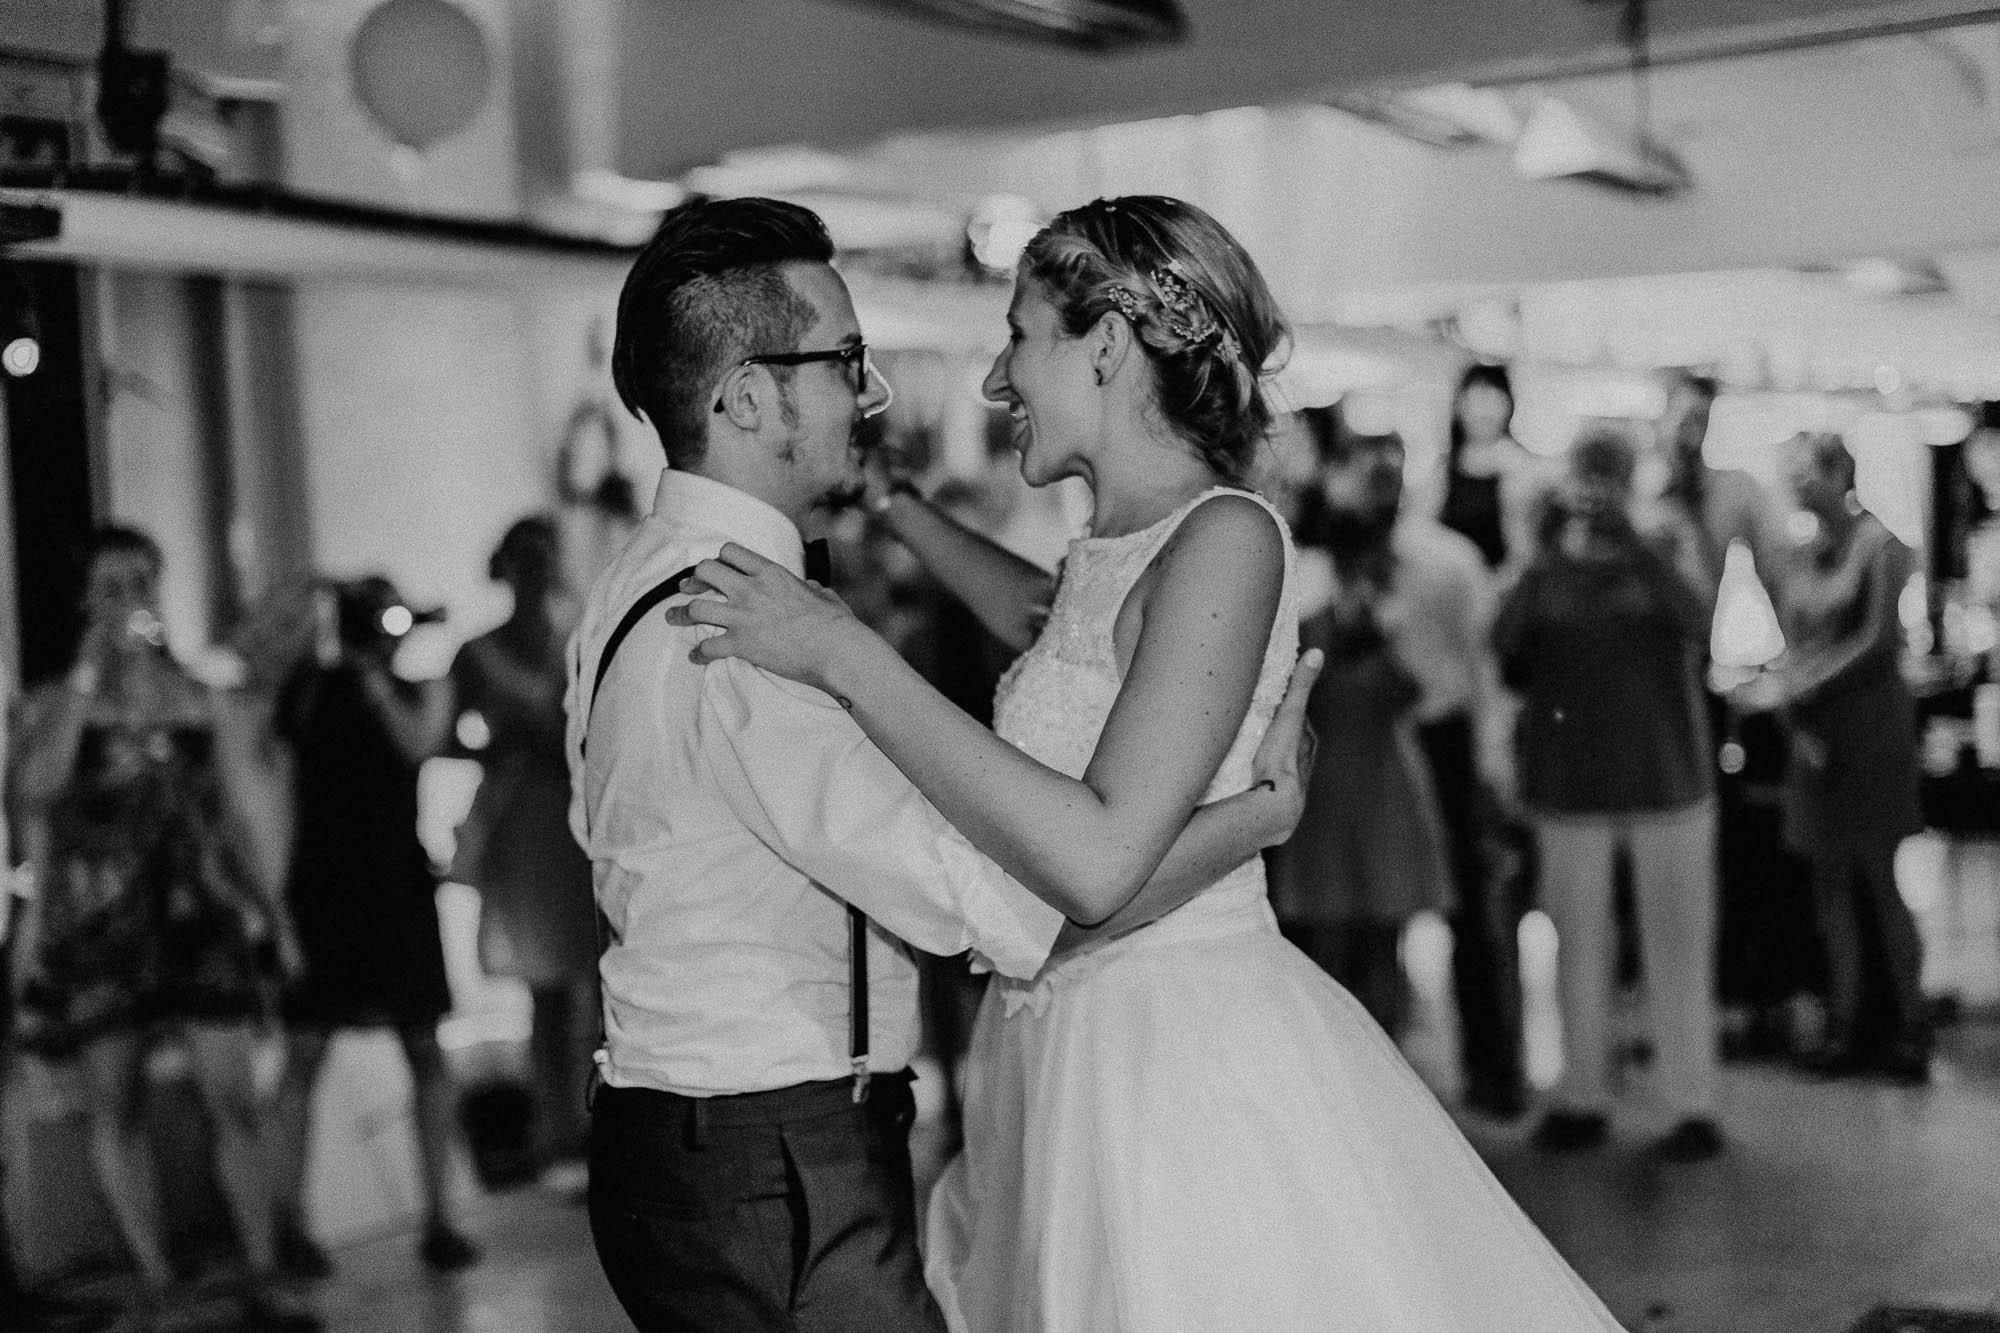 Tanzendes Hochzeitspaar auf der Party.